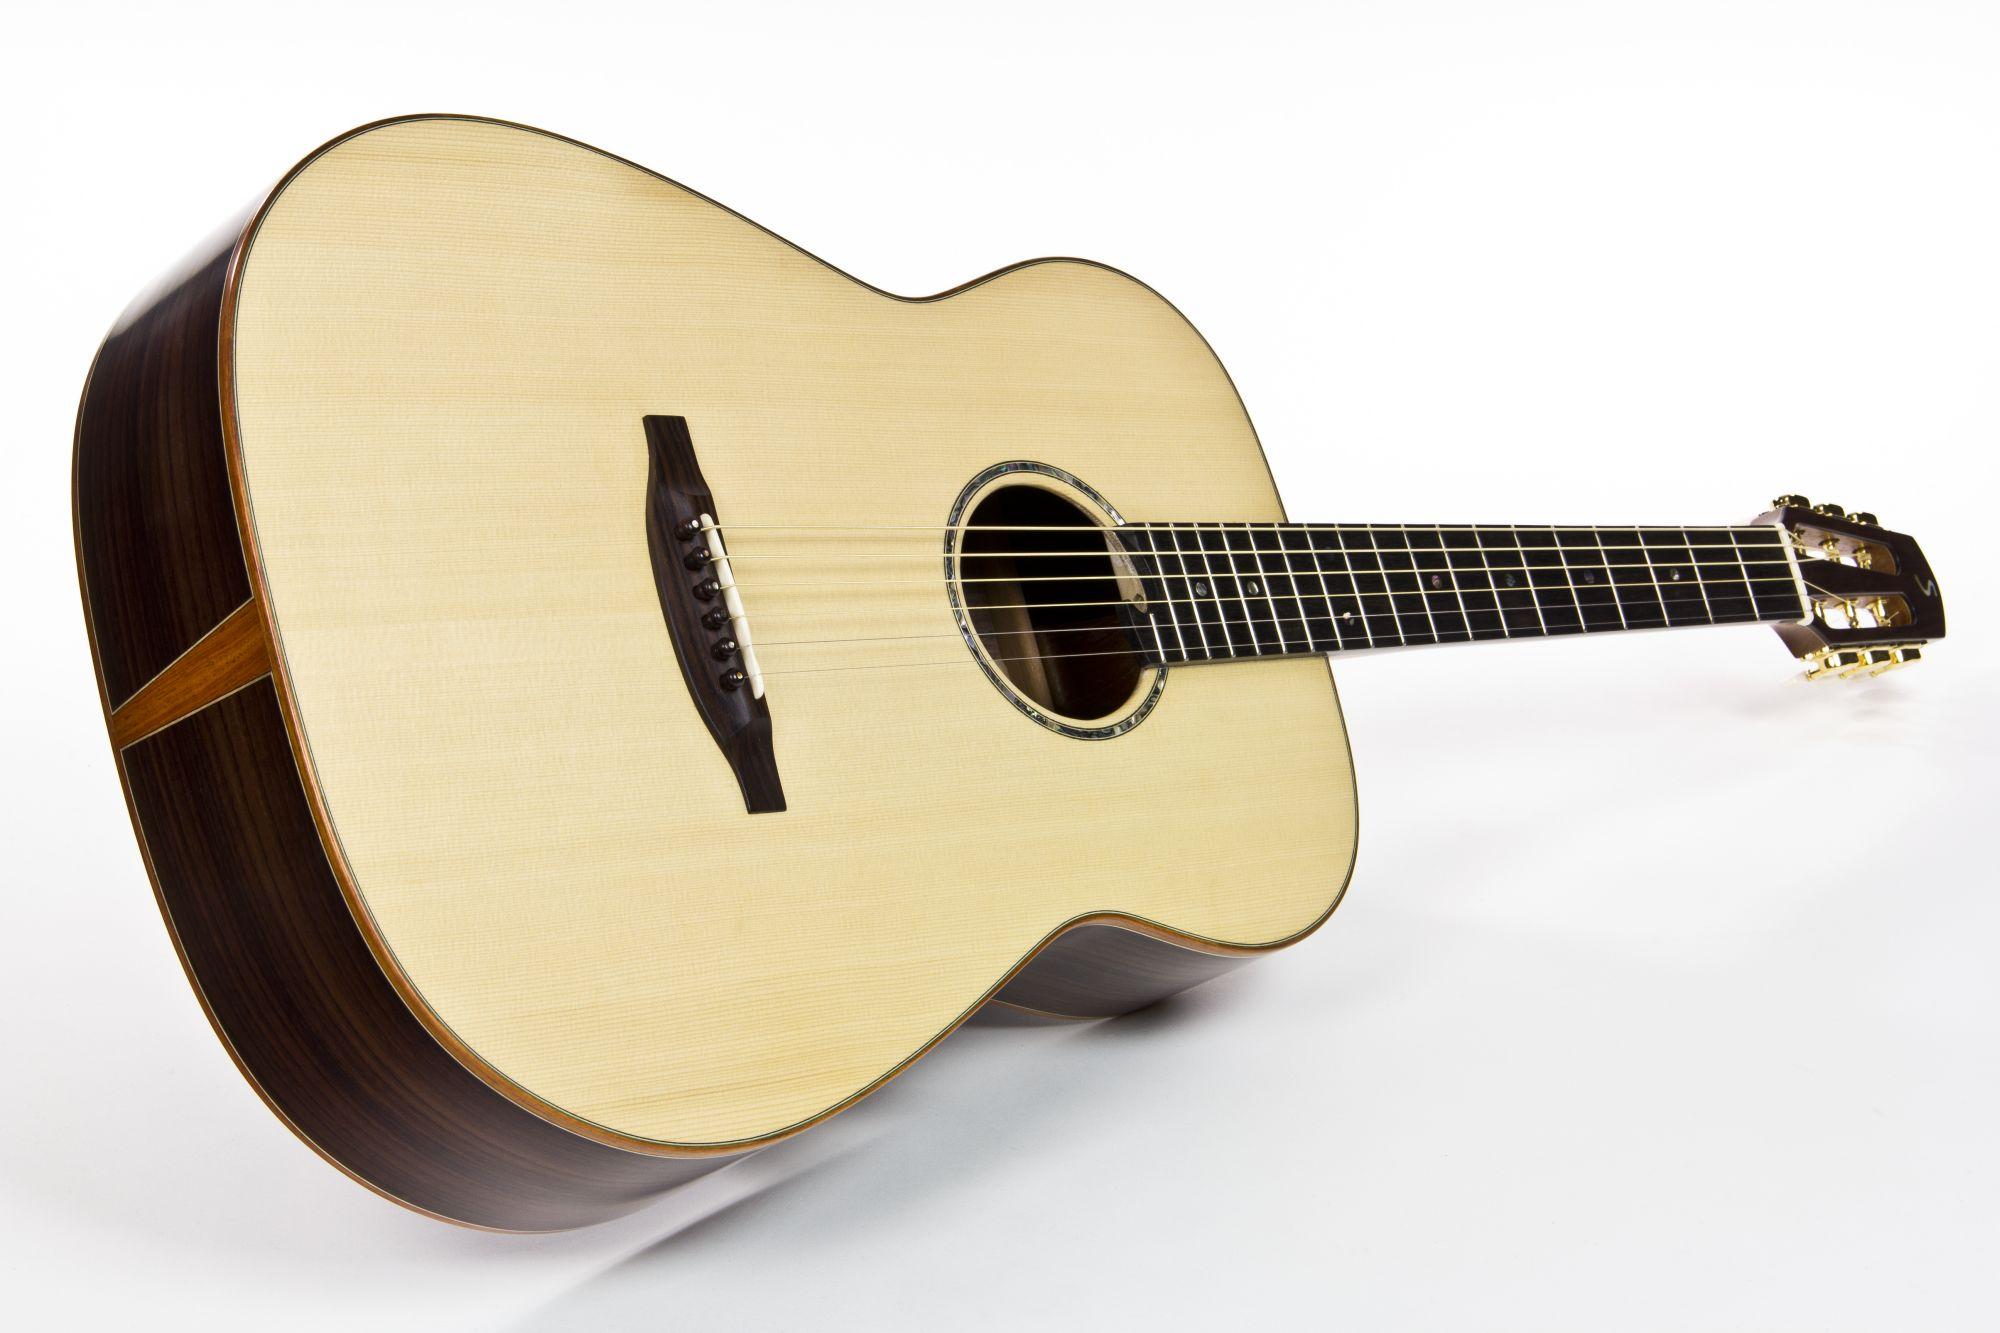 fingerstyle stahlsaiten gitarre ambition fingerstyle f r fingerpicker handgbaut vom gitarrenbauer. Black Bedroom Furniture Sets. Home Design Ideas